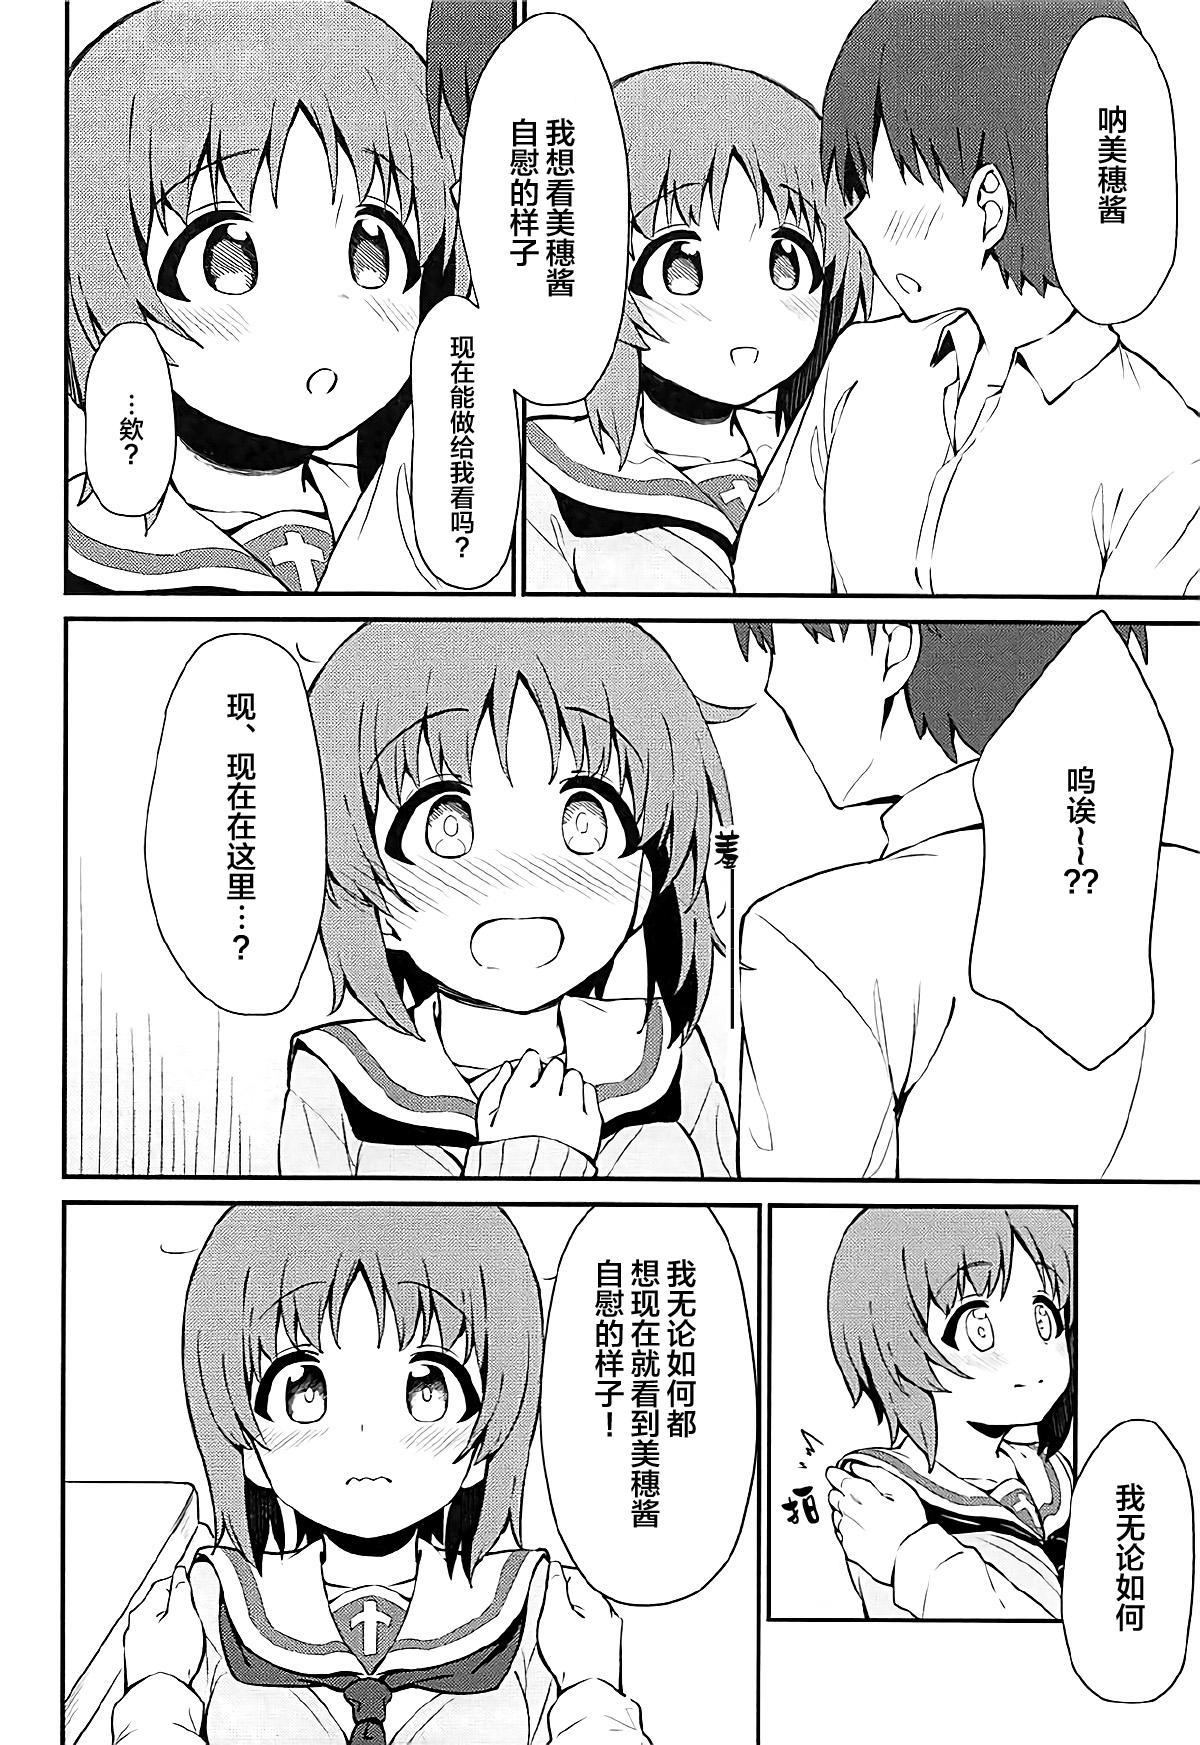 Miporin to Icha Love Ecchi suru Hon 5